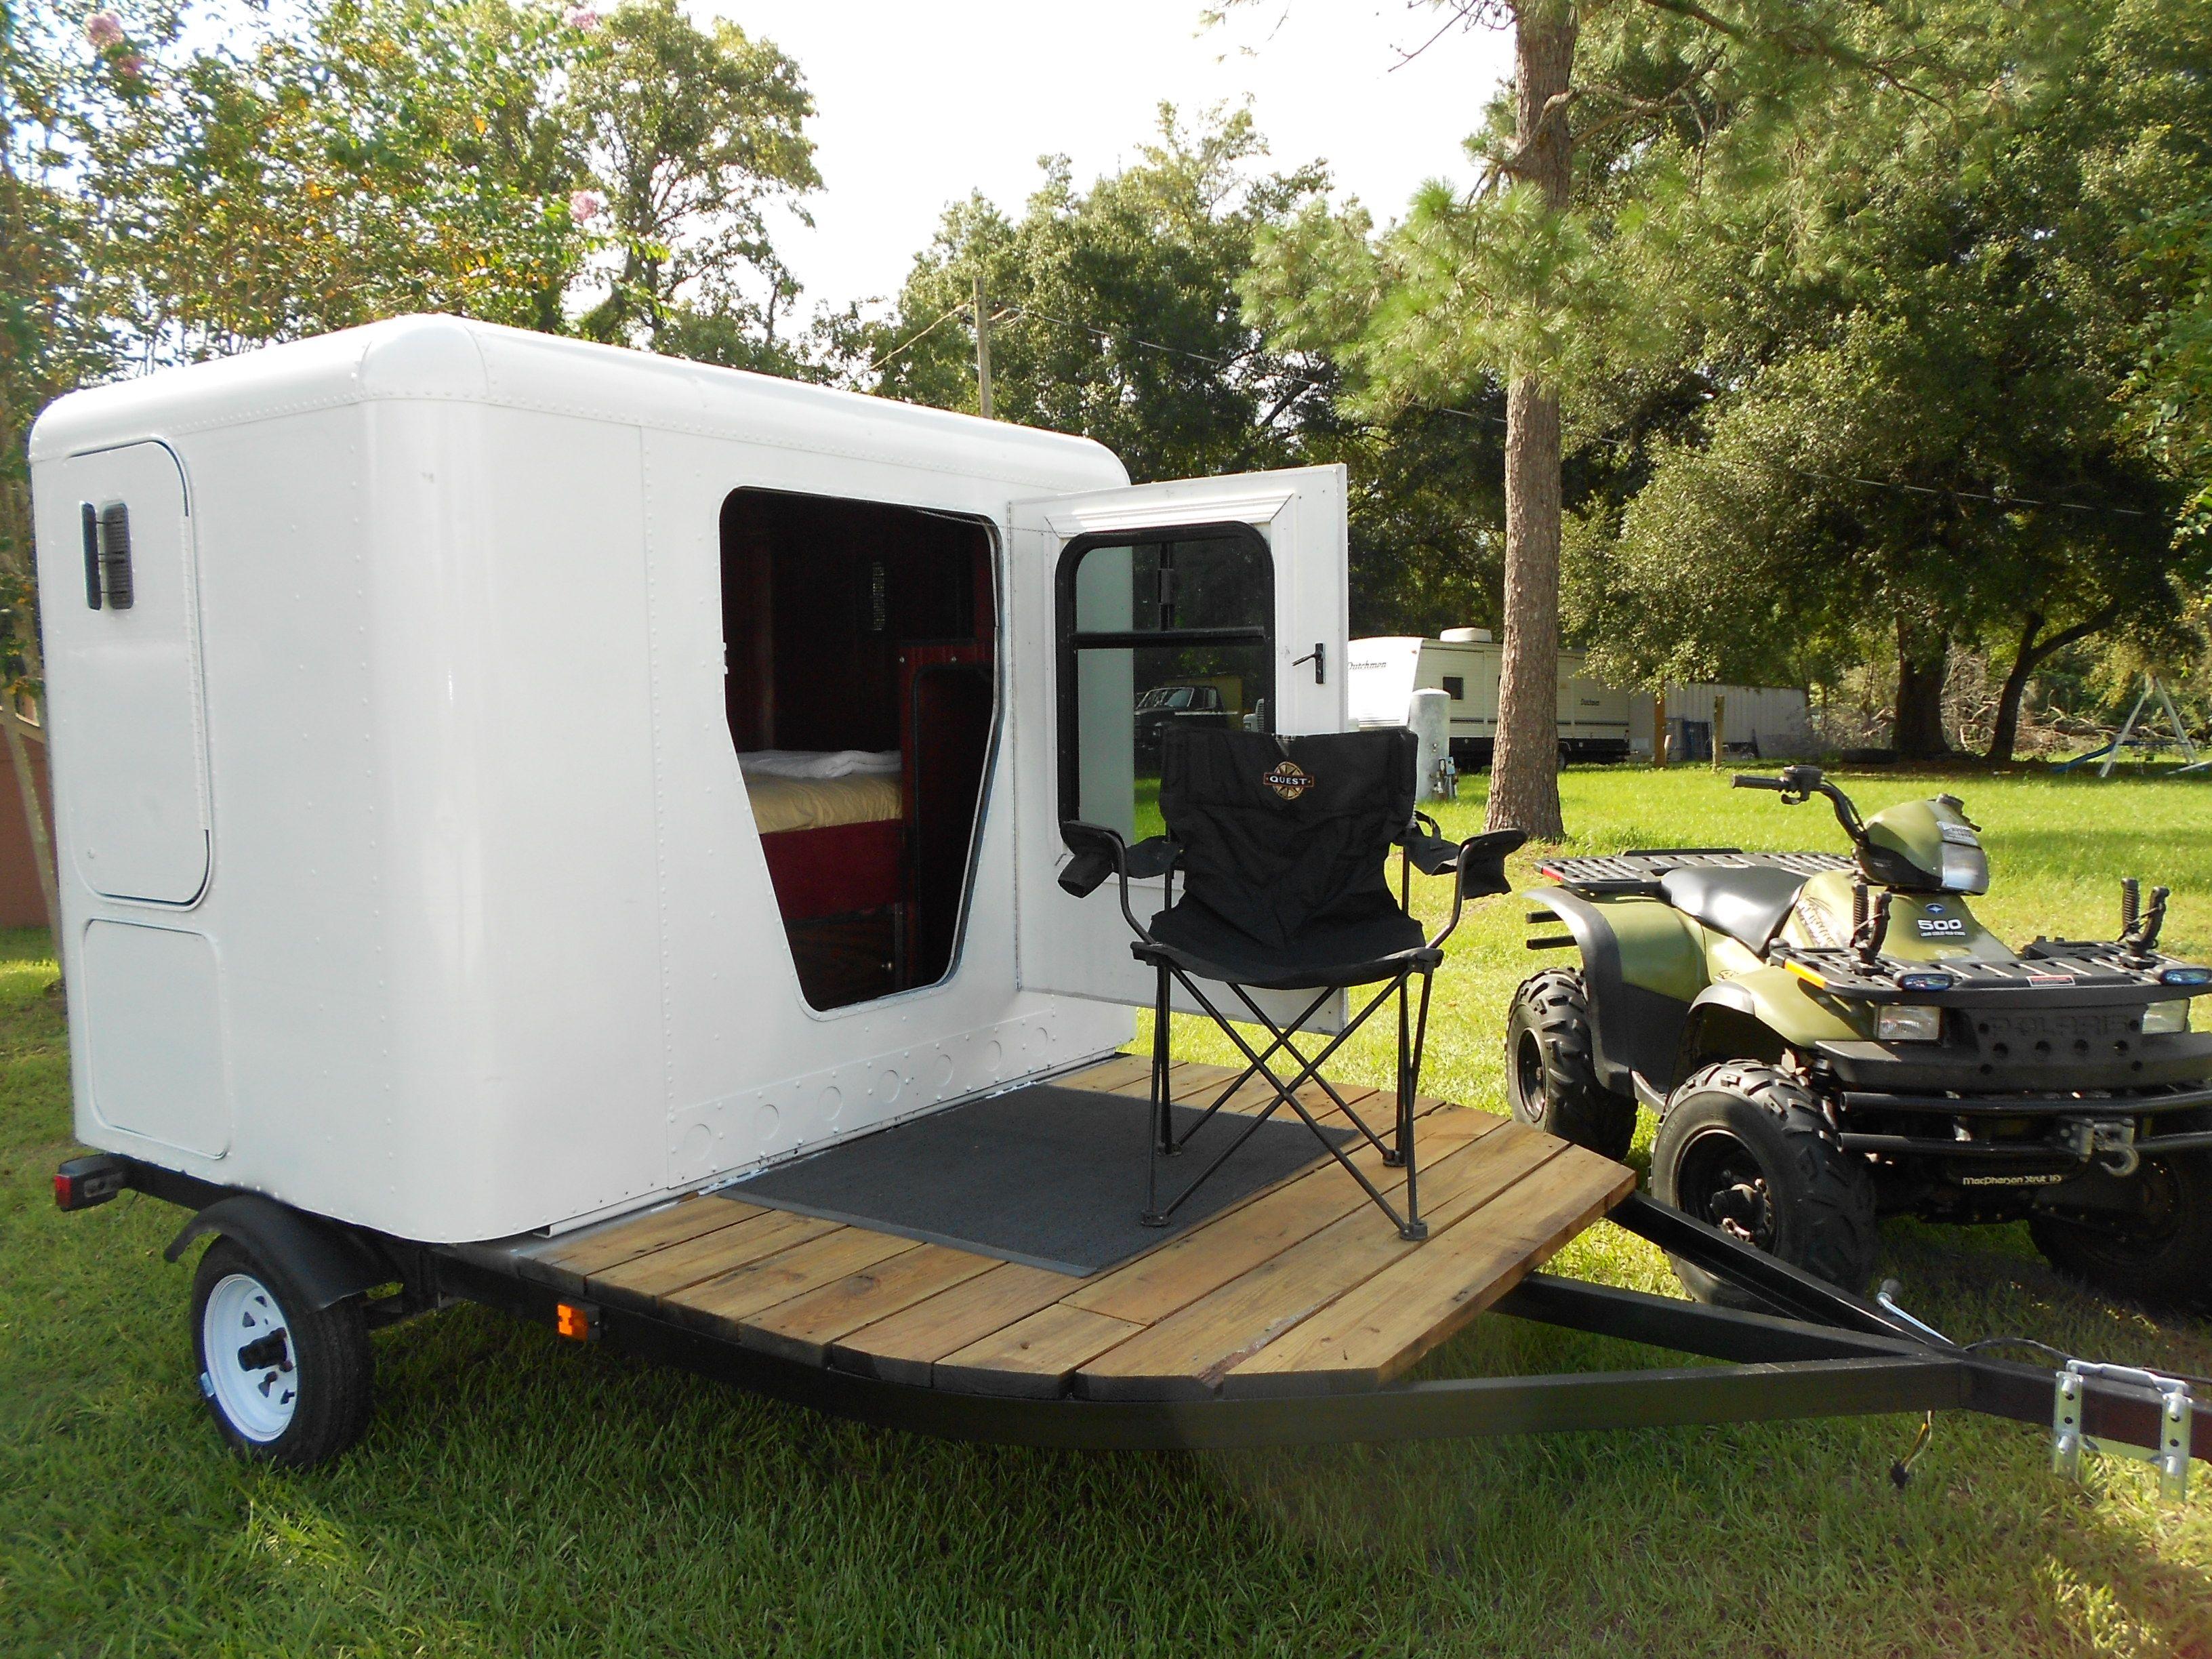 Novel Little Camper Toy Hauler Mancave On Wheels Out Of A 1983 Freightliner Sleeper Cab Diy Camper Trailer Enclosed Trailer Camper Camping Trailer